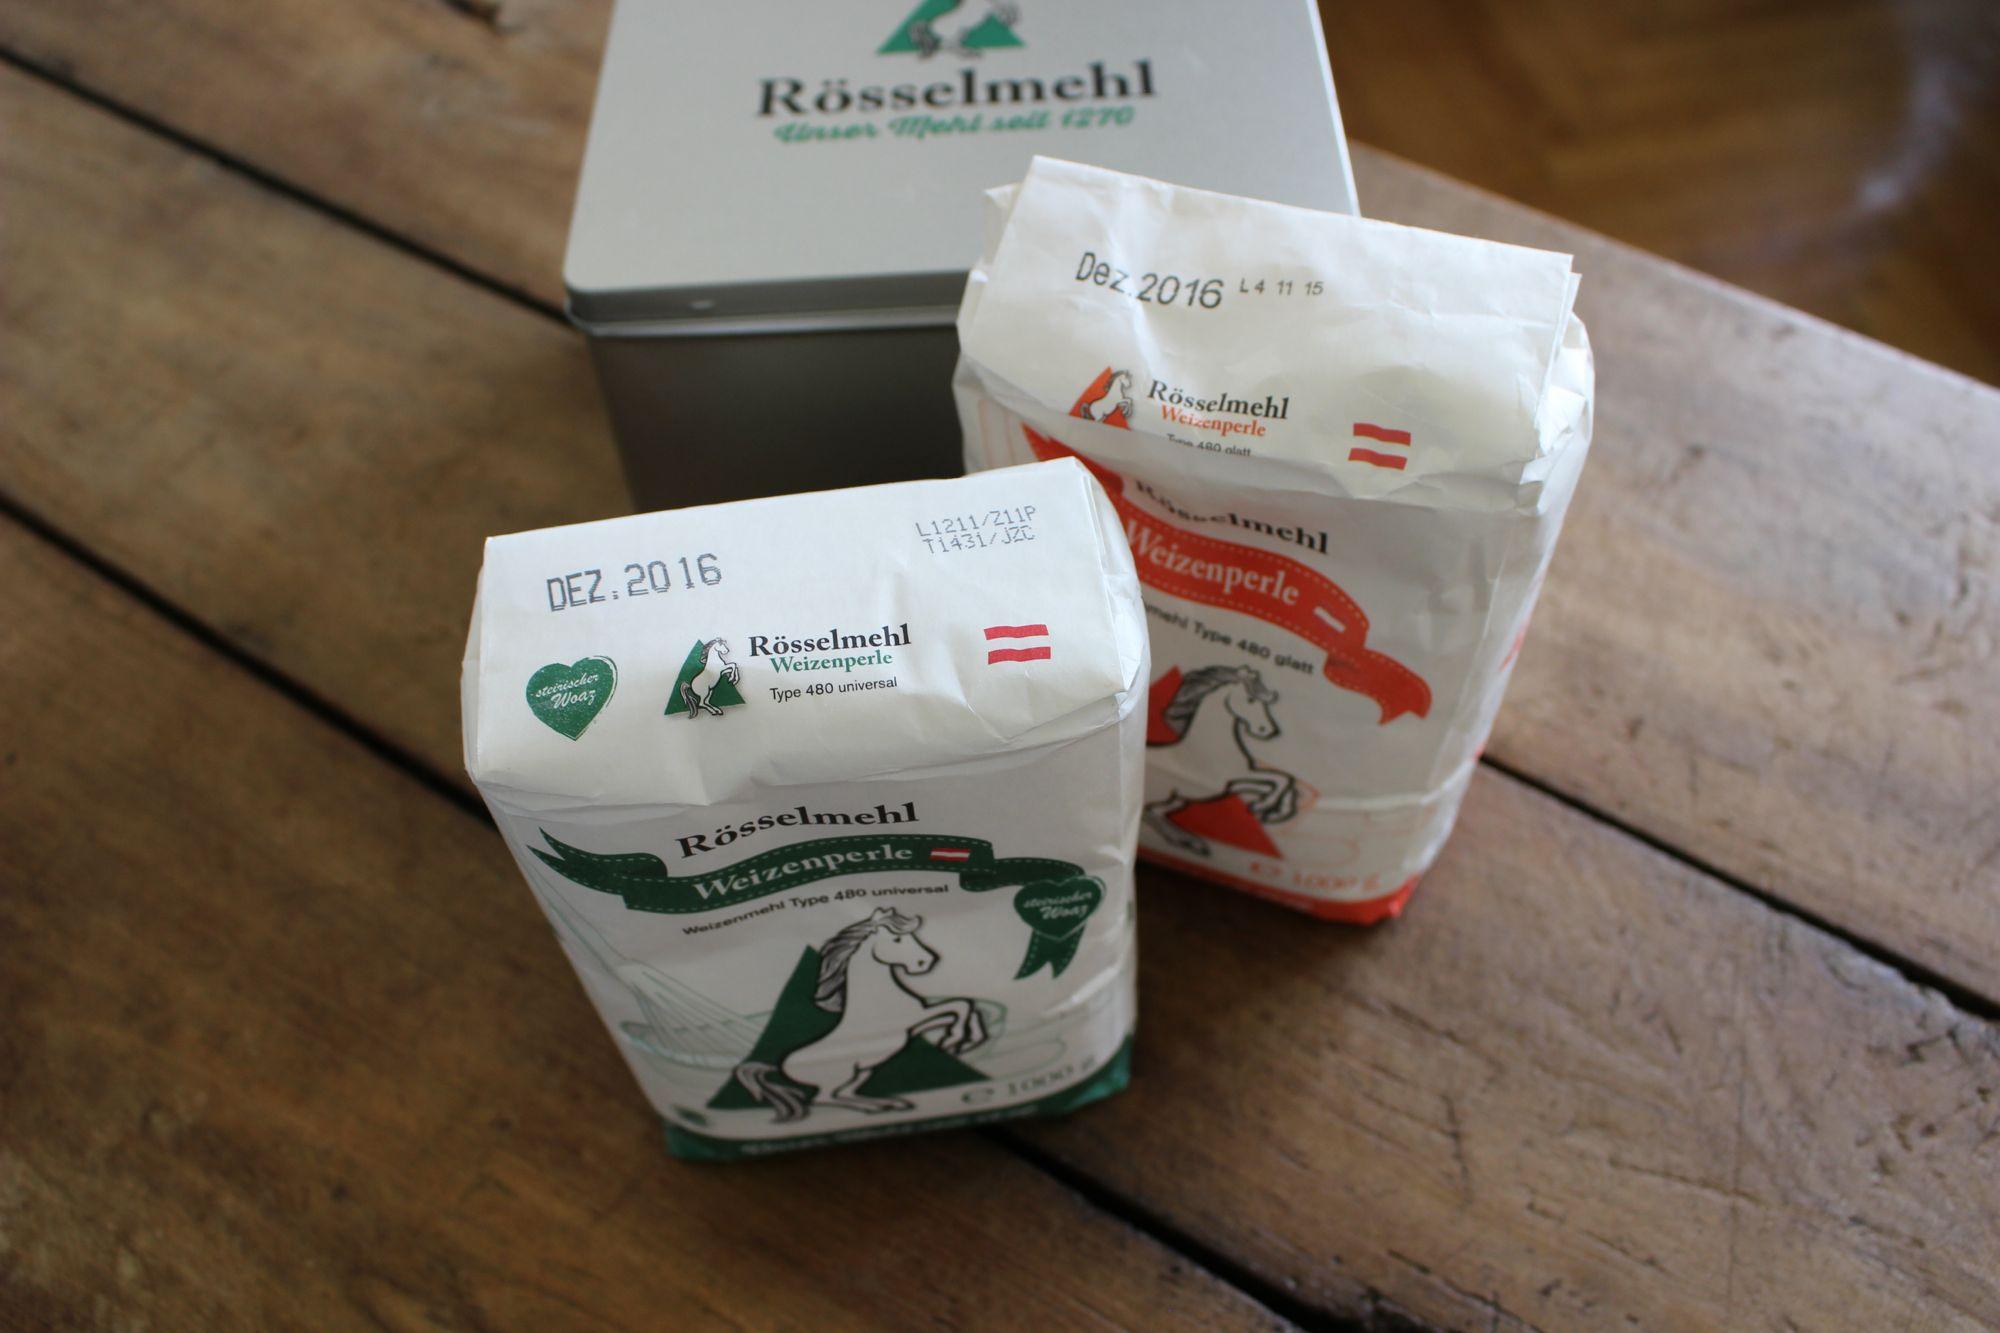 Verpackungslayout für Rösselmehl